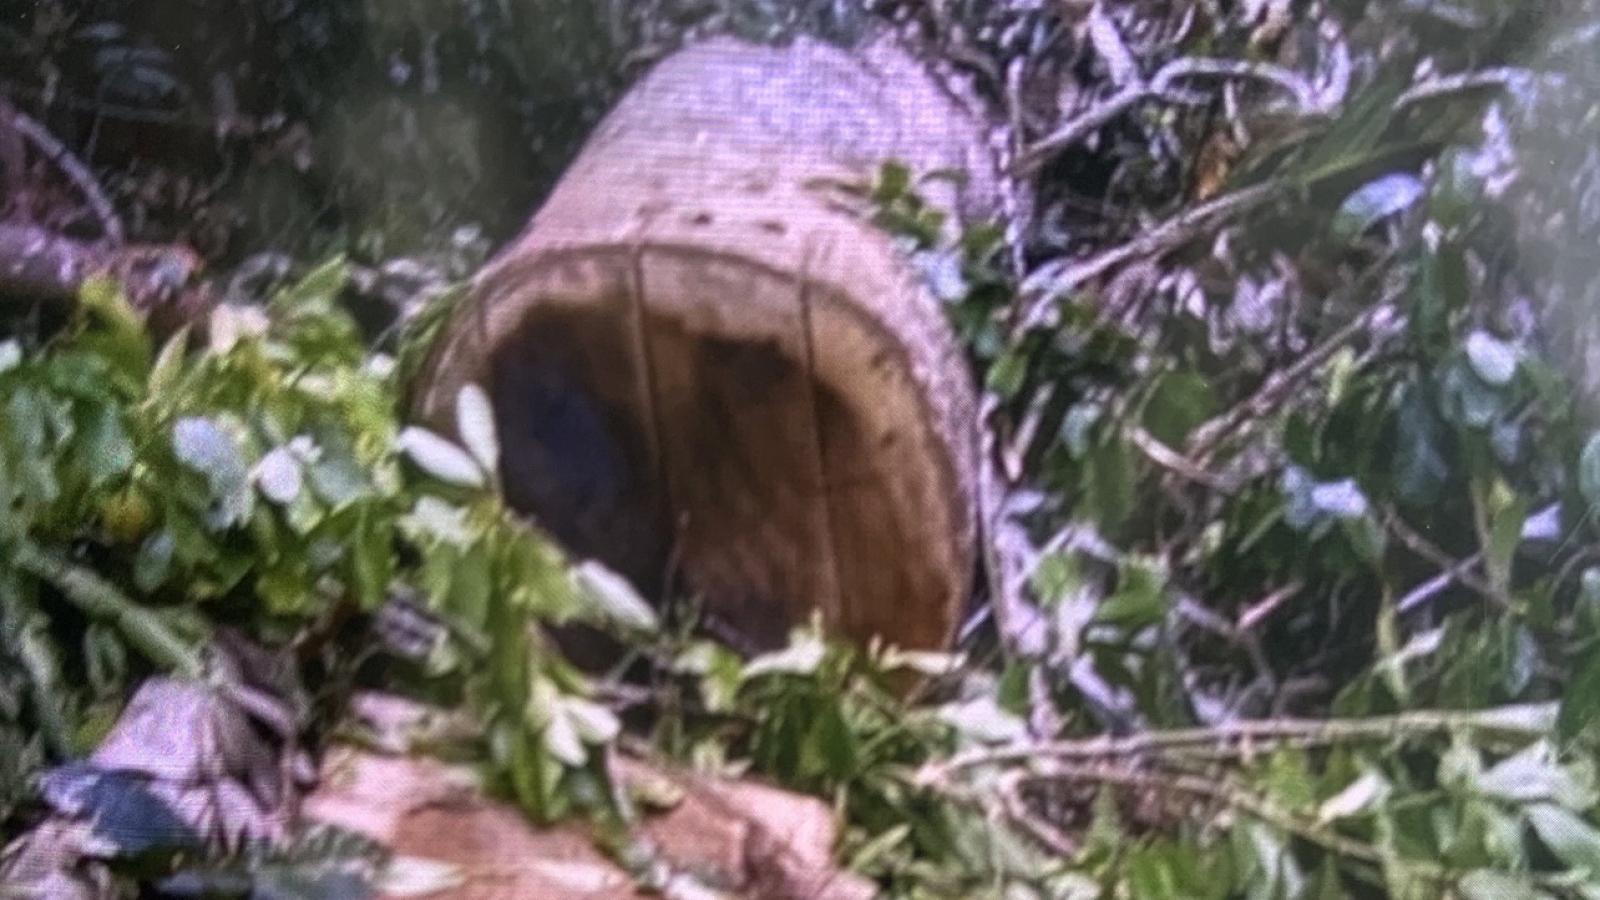 Xử lý nghiêm vụ khai thác rừng phòng hộ trái phép ở huyện Phước Sơn, Quảng Nam